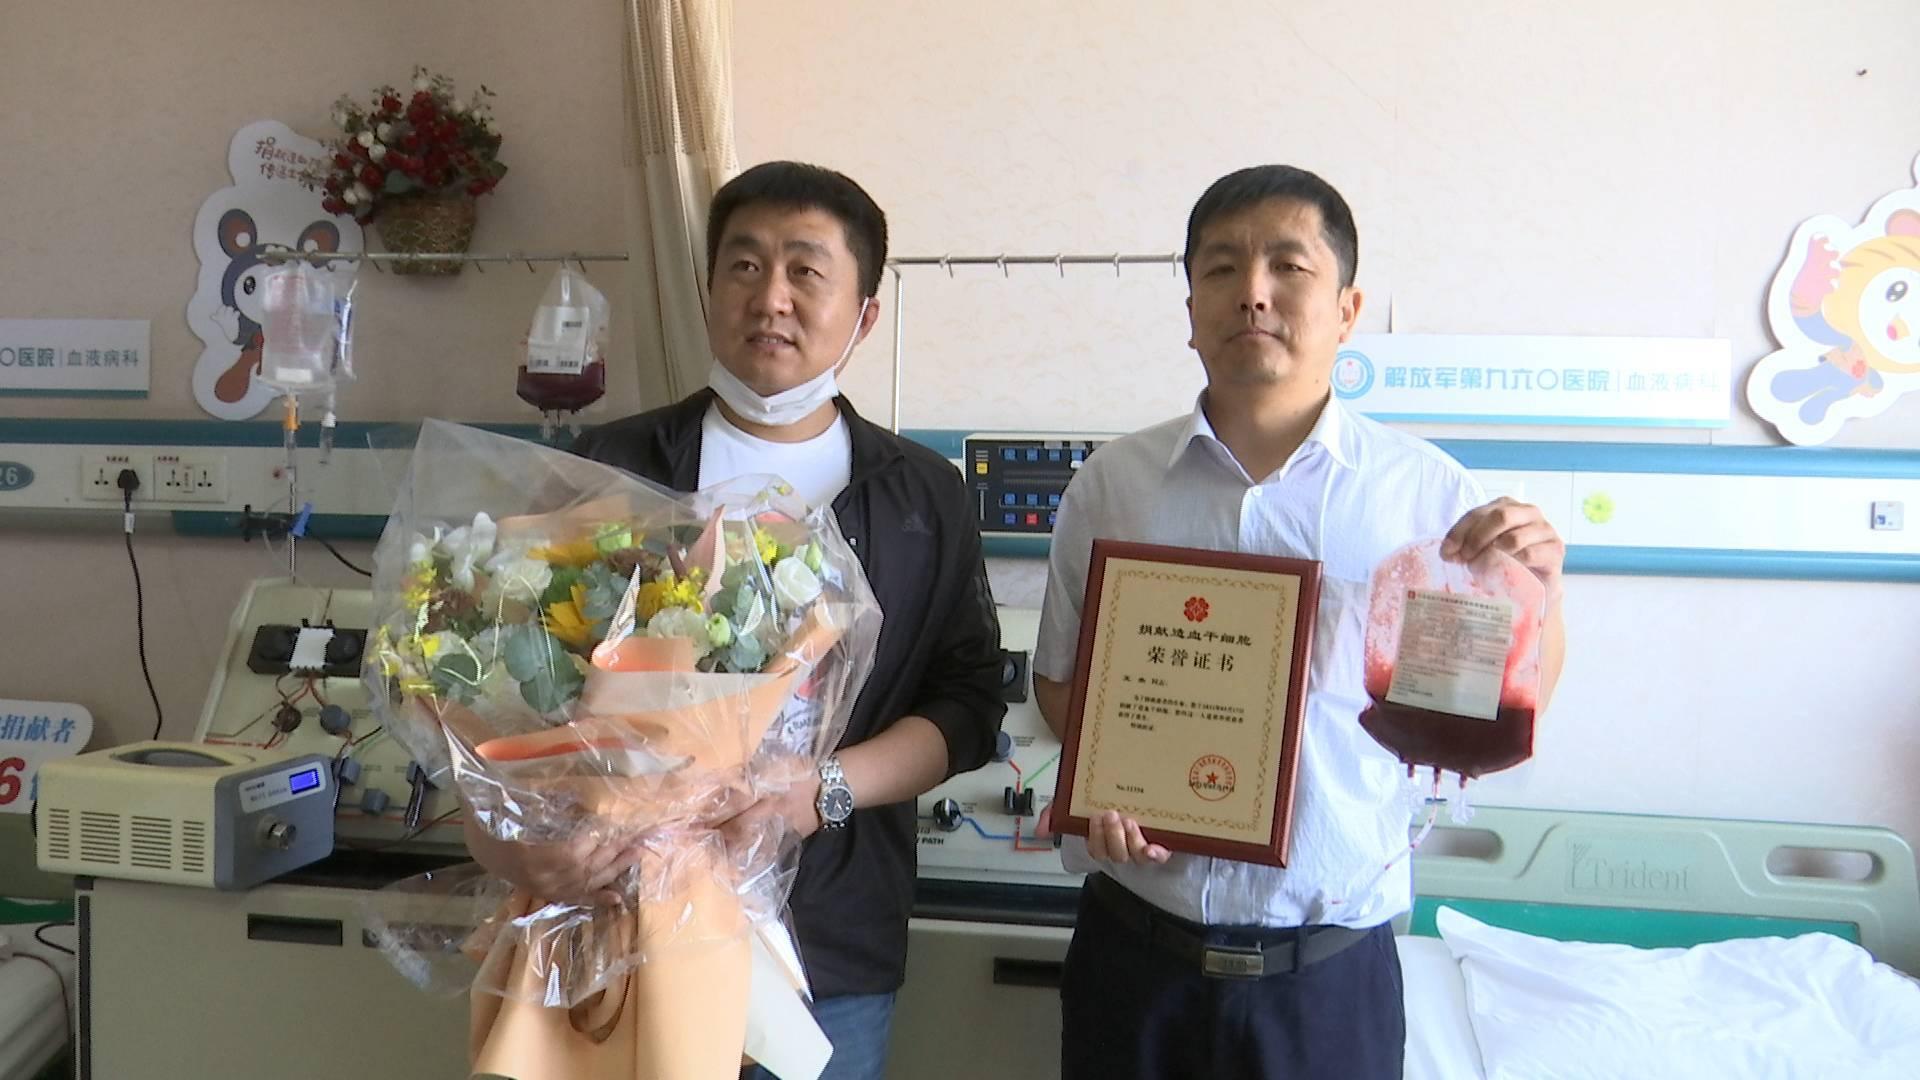 造血干细胞捐献者王杰:一个普通人做了一件平凡事